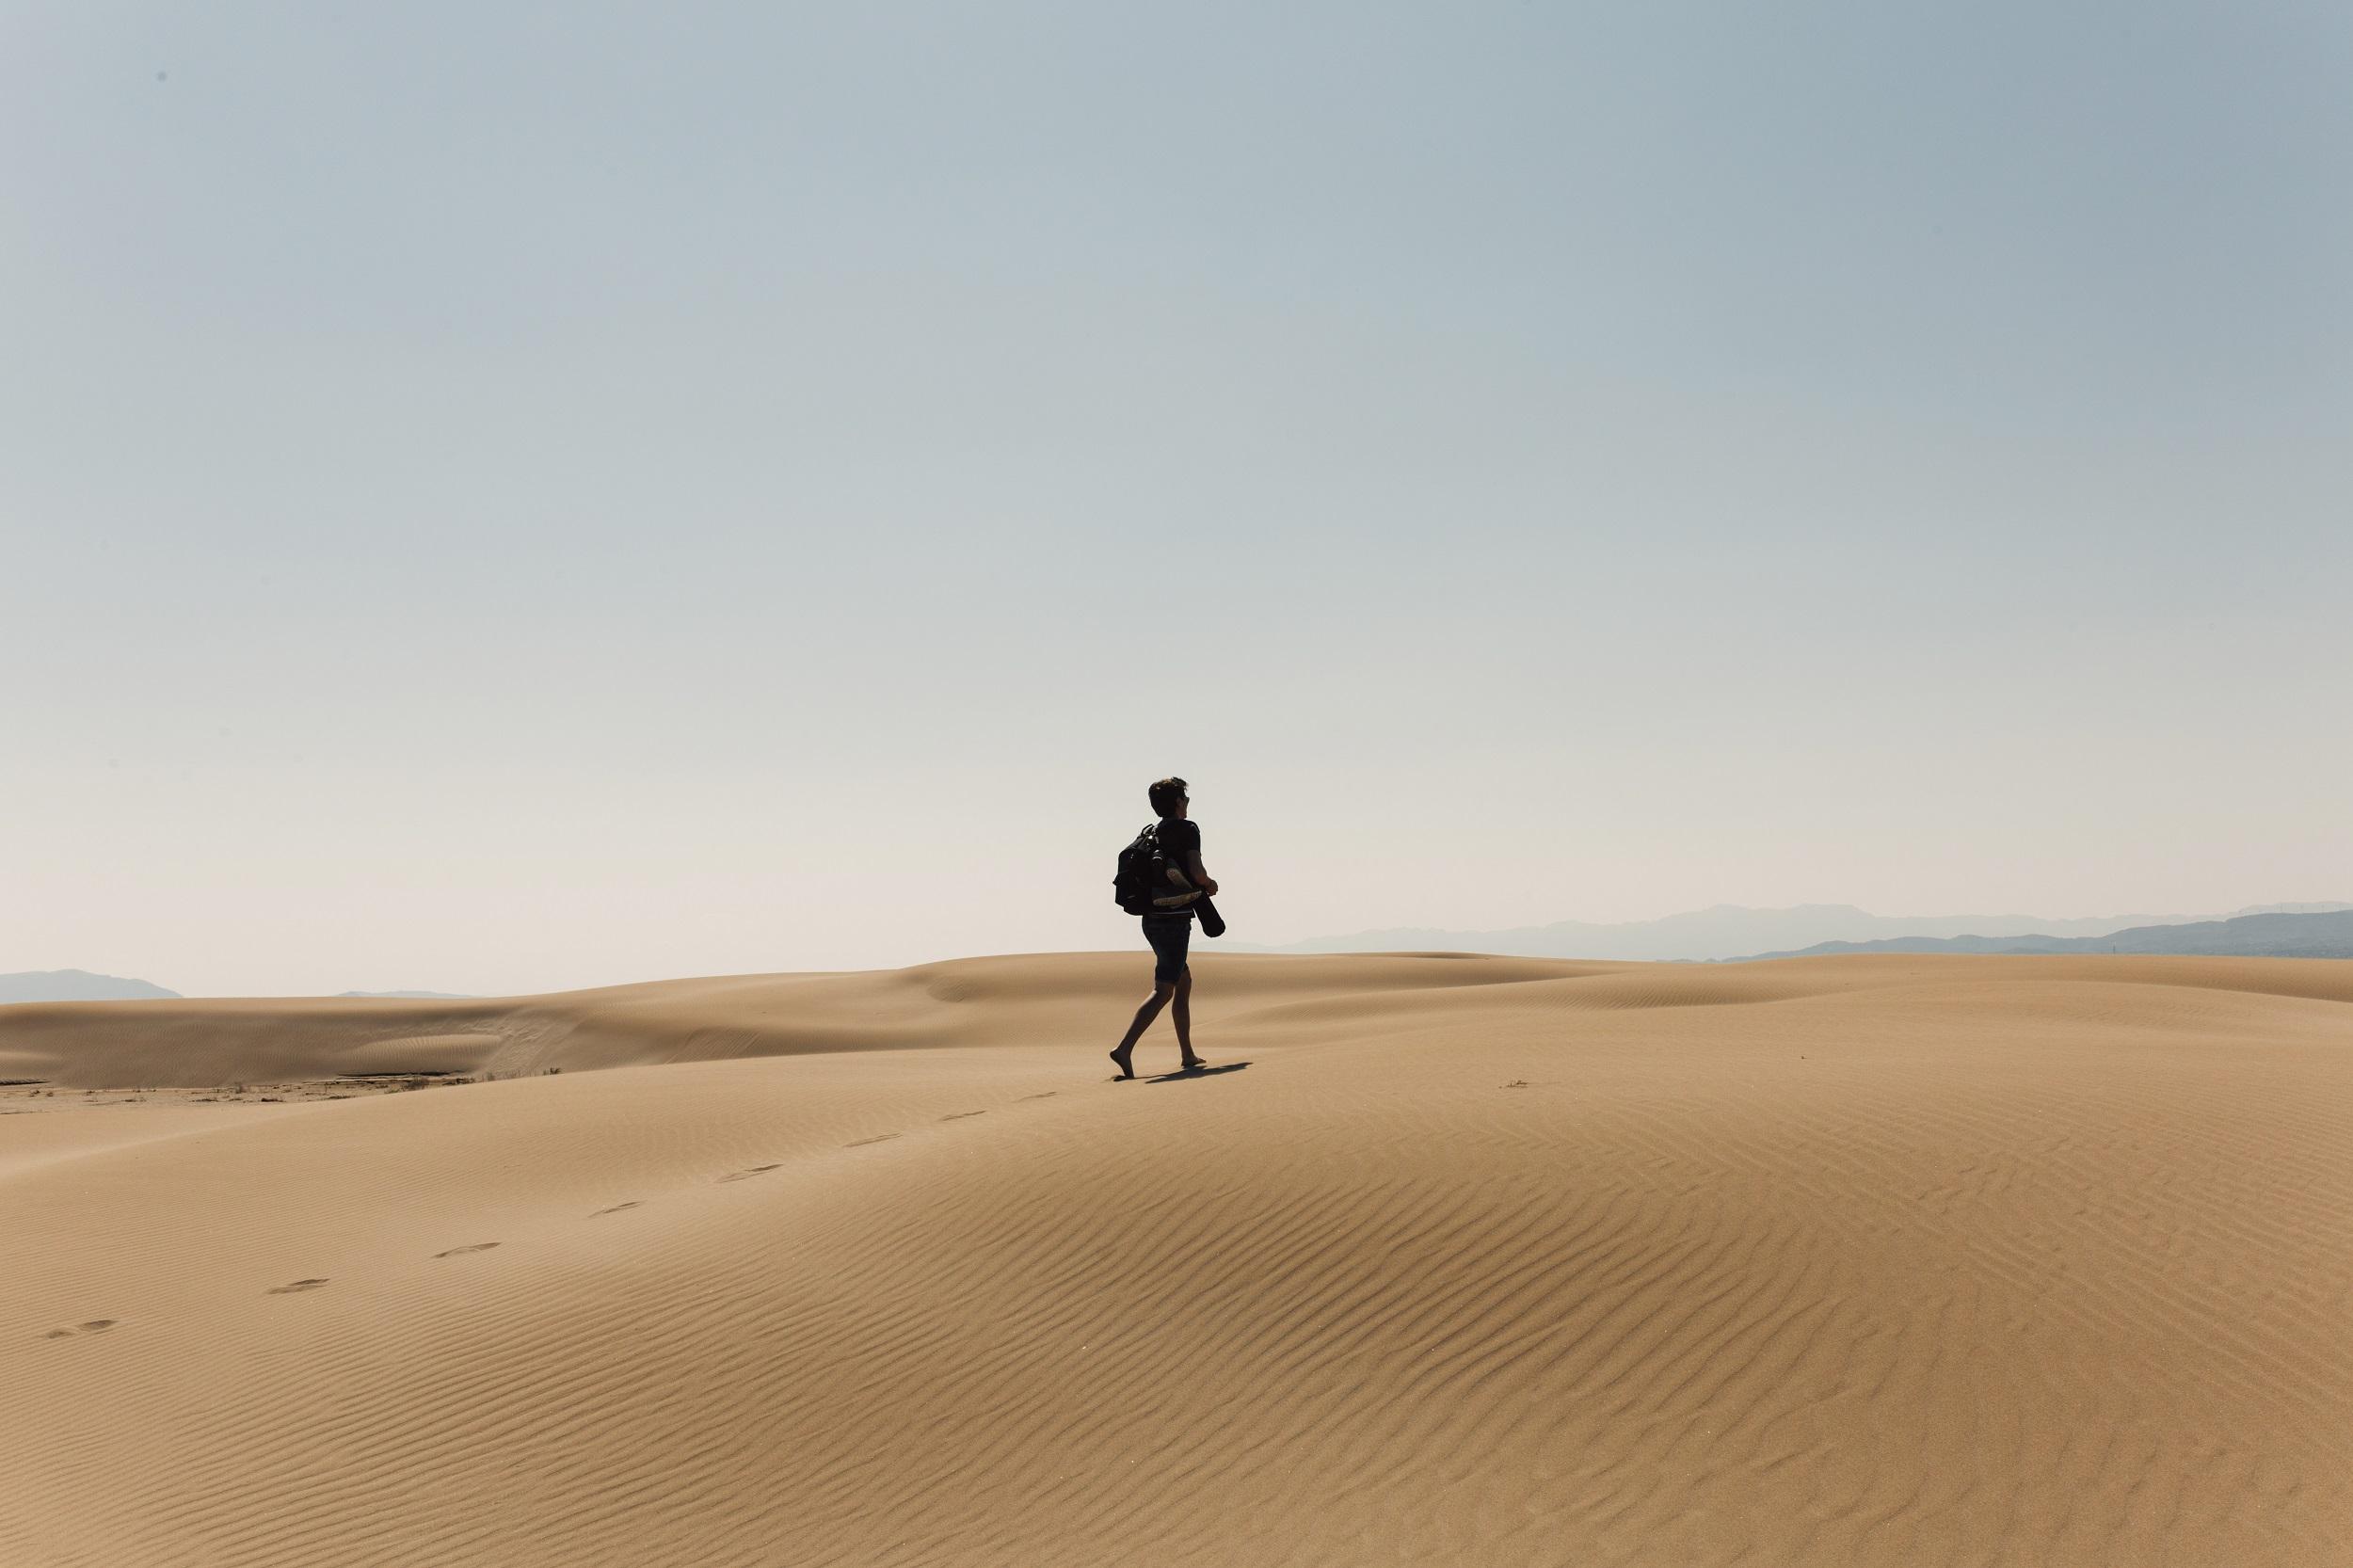 Full Length Of Hiker With Backpack Exploring Desert Against Sky